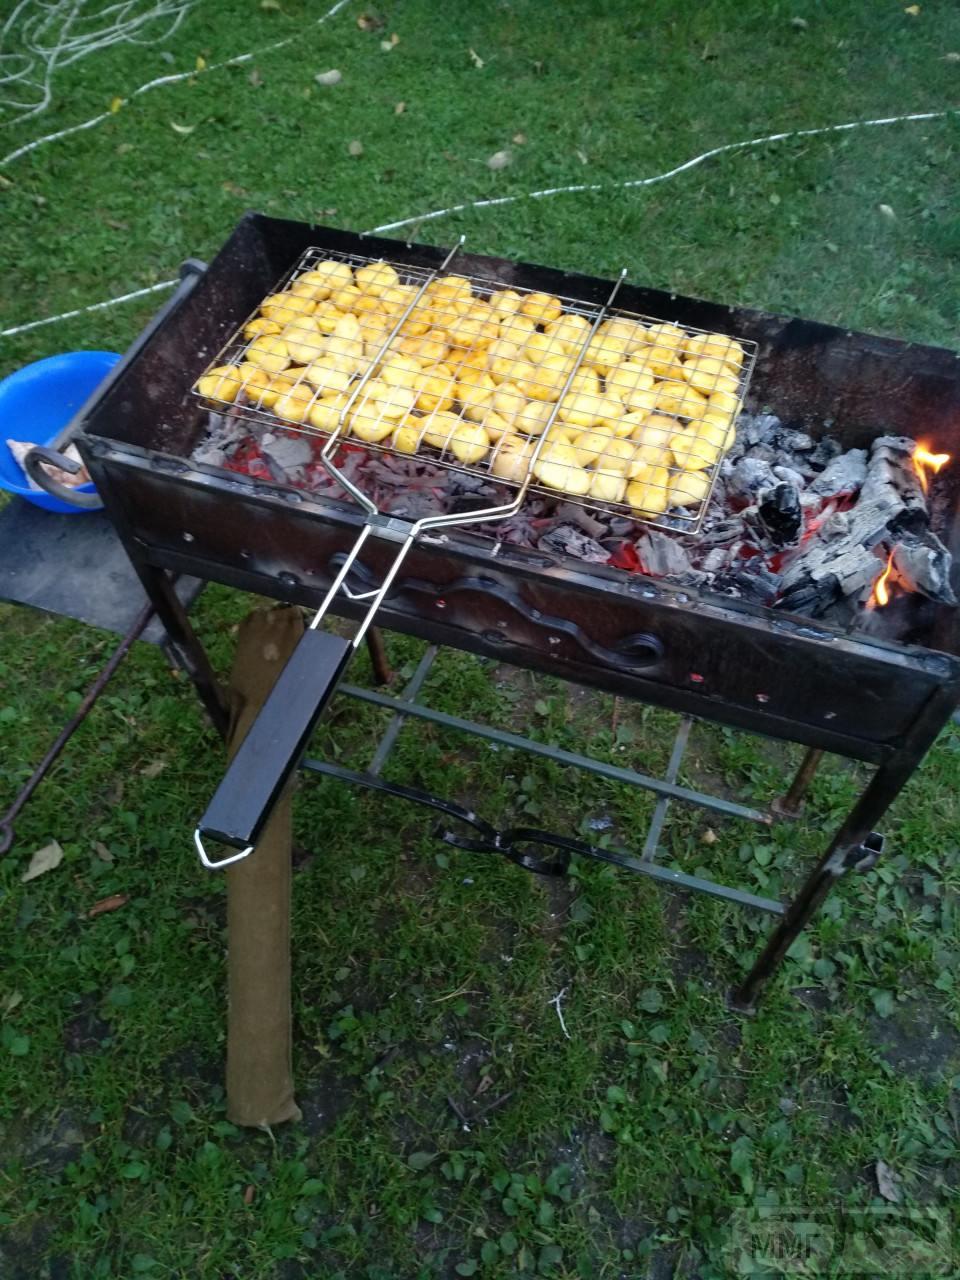 71721 - Закуски на огне (мангал, барбекю и т.д.) и кулинария вообще. Советы и рецепты.